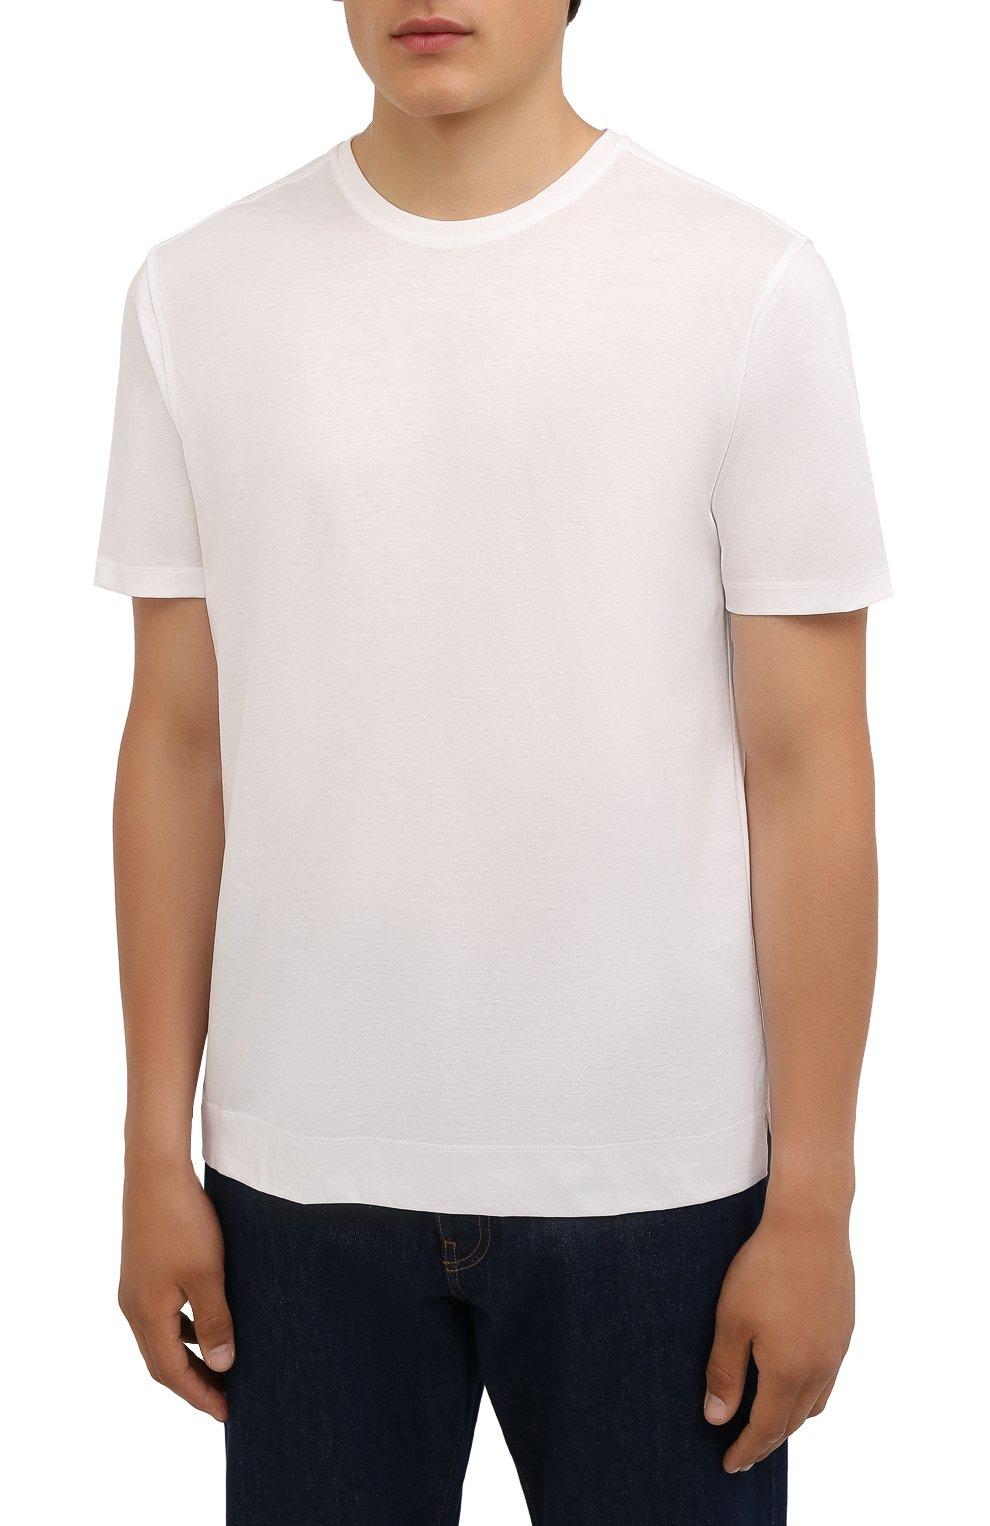 Мужская хлопковая футболка LIMITATO белого цвета, арт. EMBLEM/T-SHIRT | Фото 3 (Принт: Без принта; Рукава: Короткие; Длина (для топов): Стандартные; Материал внешний: Хлопок)